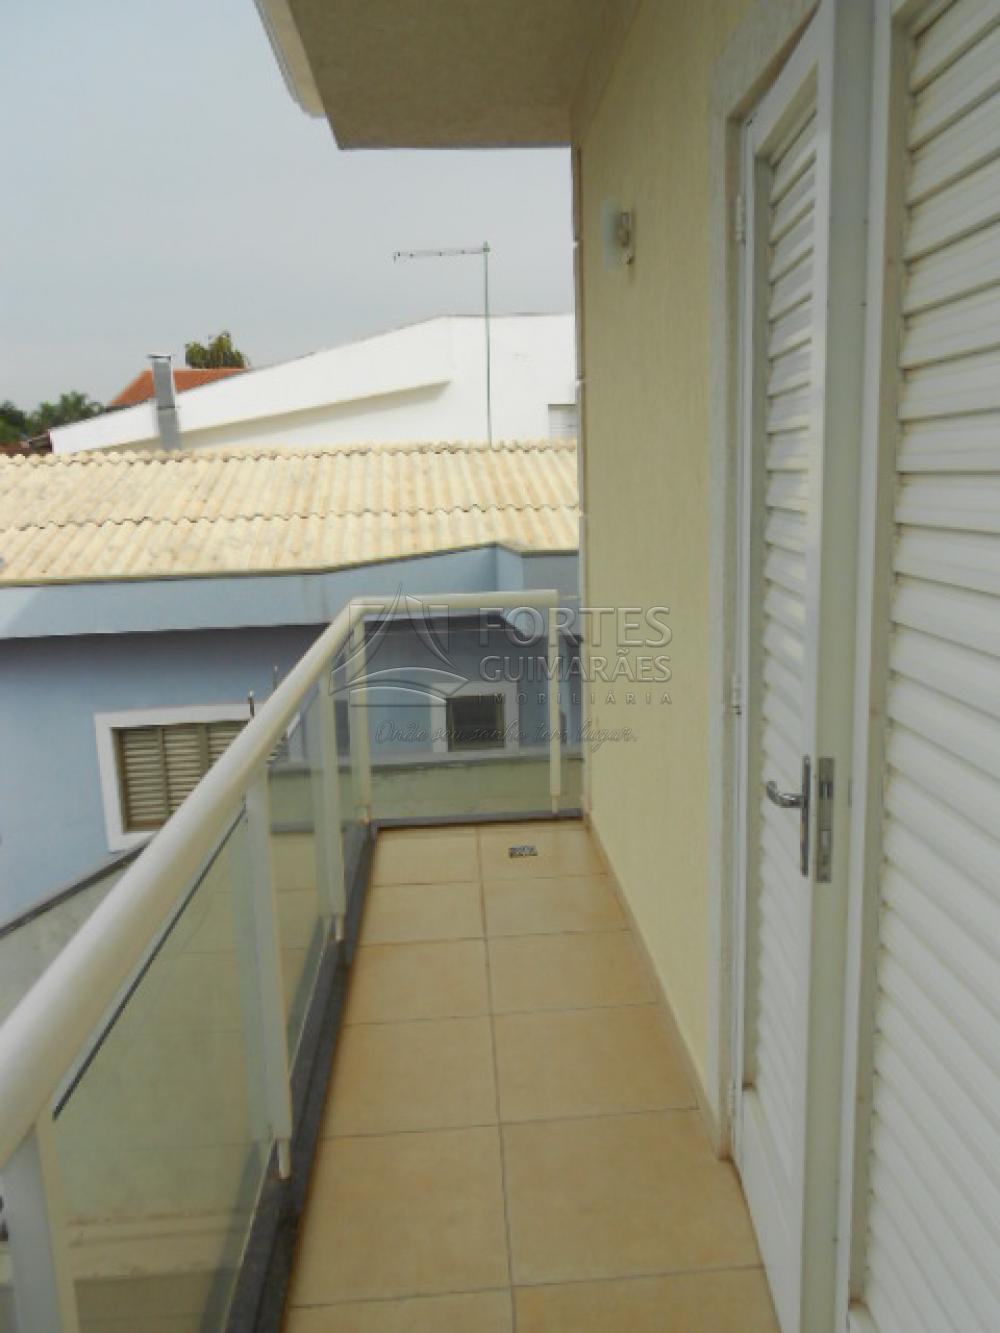 Alugar Casas / Padrão em Ribeirão Preto apenas R$ 3.500,00 - Foto 53